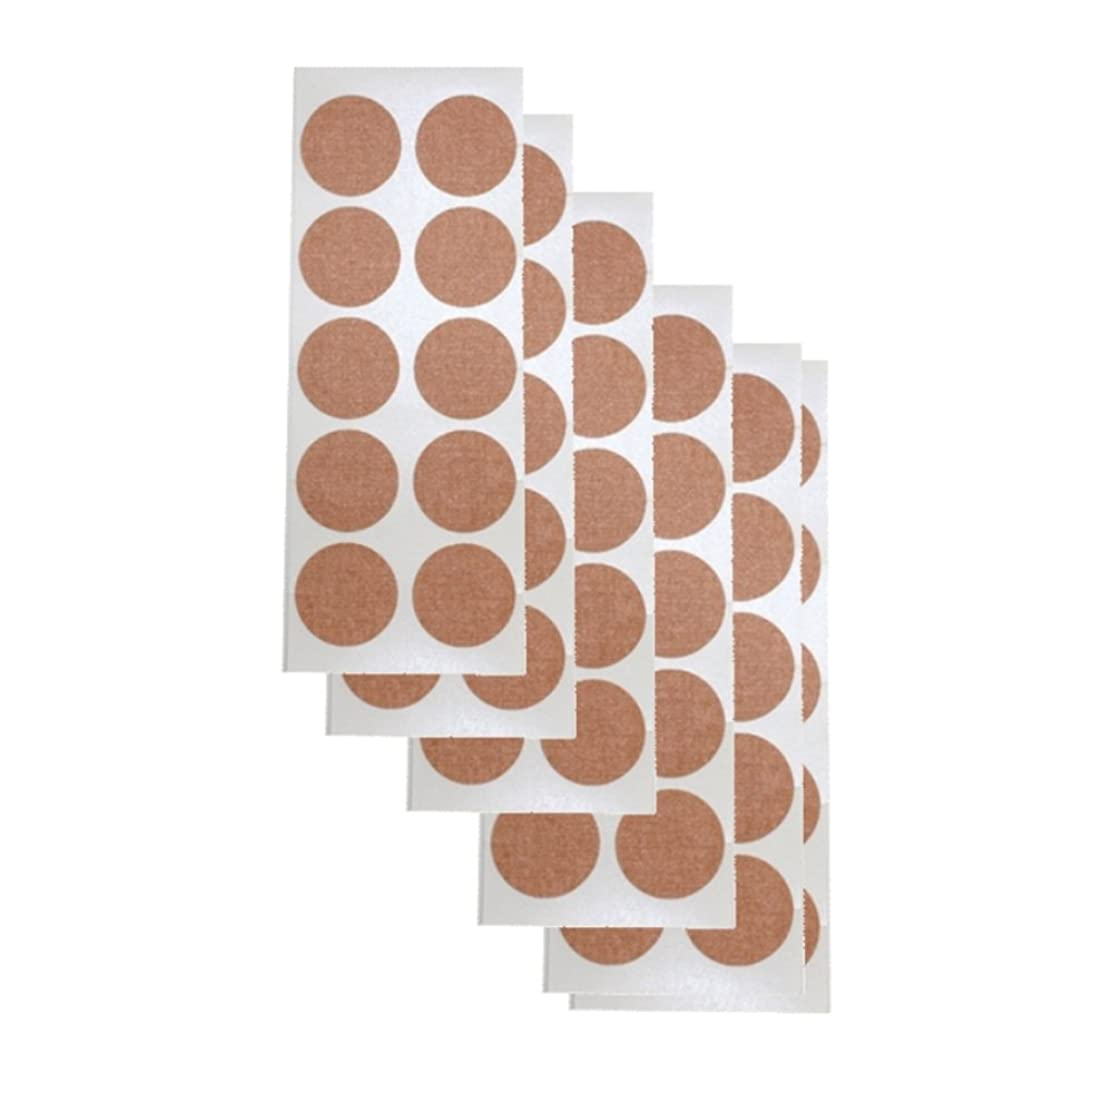 スツール風景底TQチップ 貼り替え用専用シール 効果は半永久的!貼っただけで心身のバランスがとれるTQチップ専用